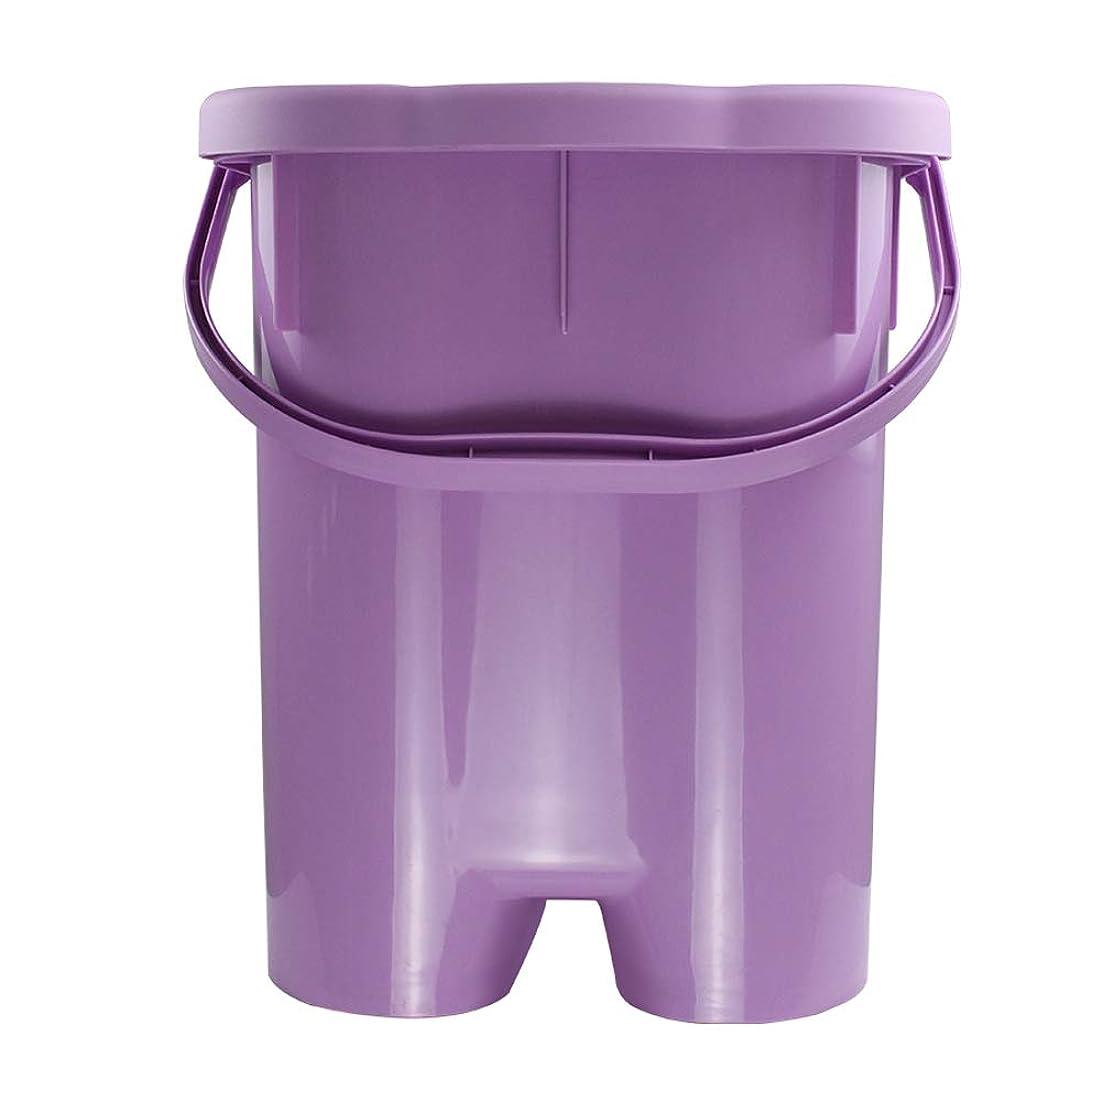 憧れありがたい肥沃な家庭用シンプルな発泡盆たたみ足湯発泡バケツバレル深いバレルポータブル厚いプラスチックフォーム盆地